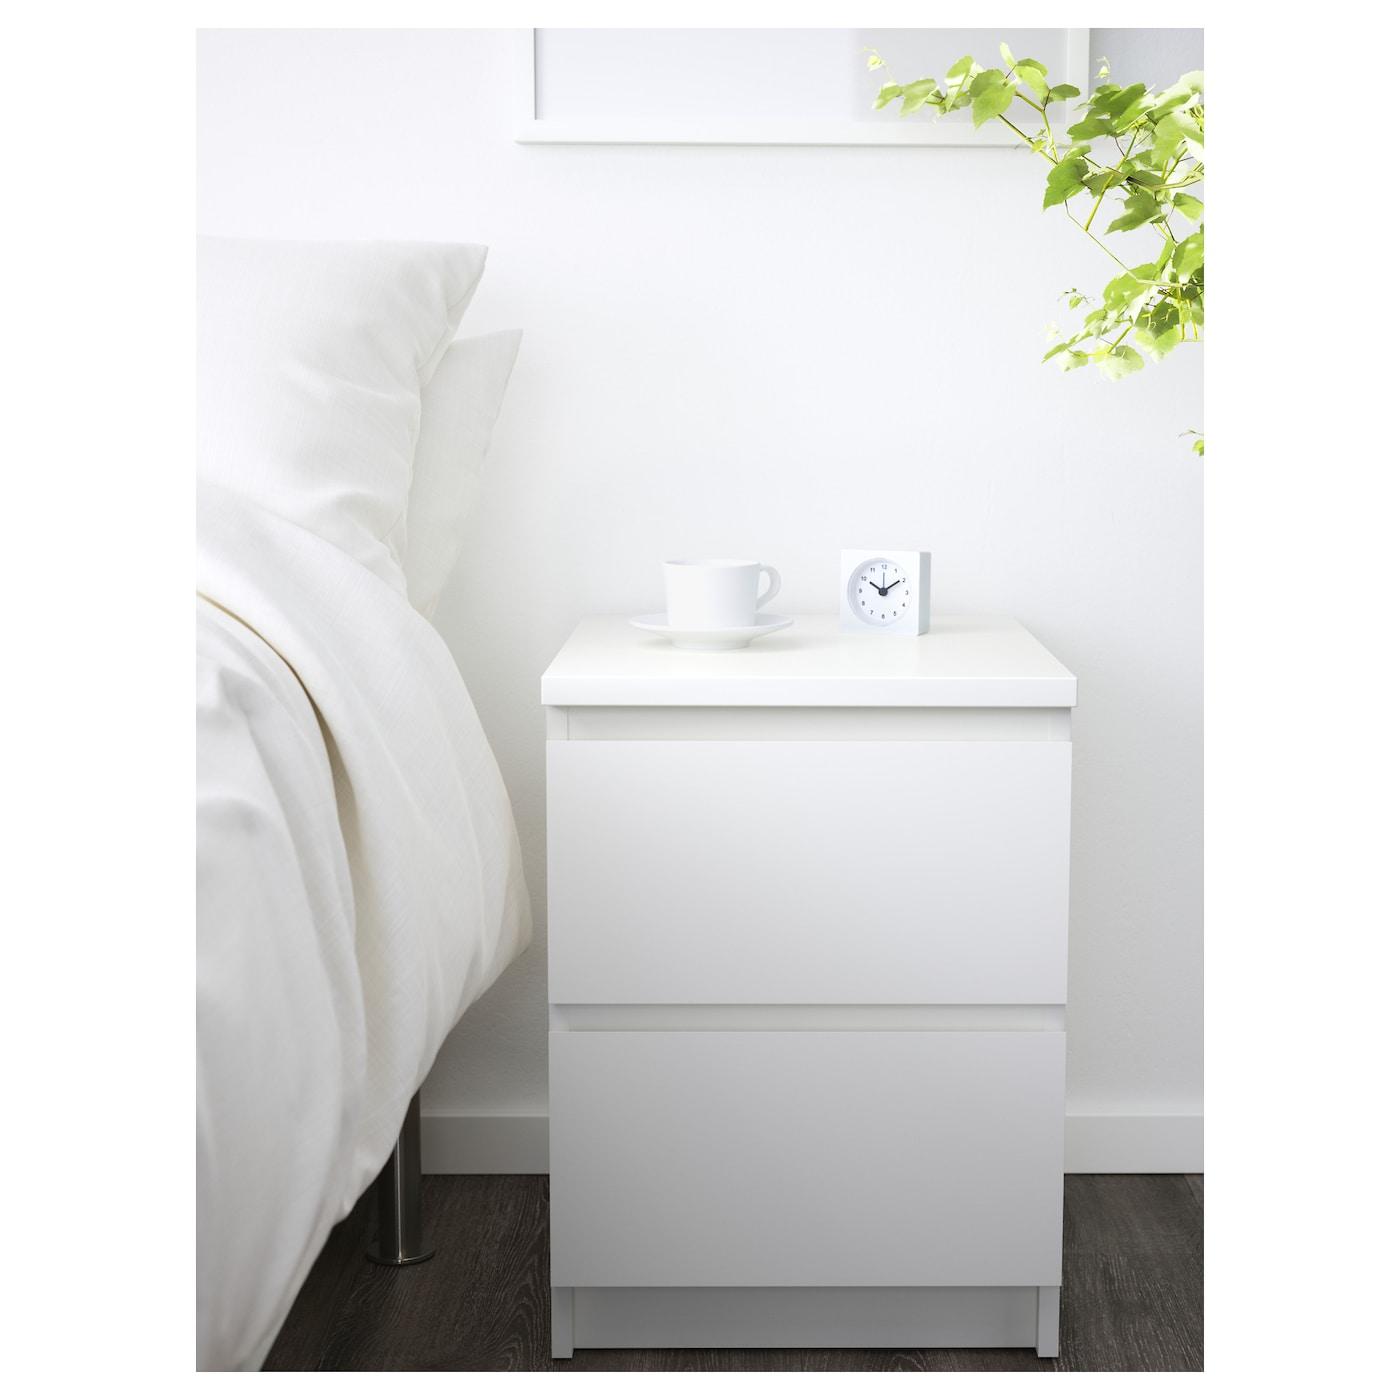 MALM Kommode mit 11 Schubladen - weiß 11x11 cm